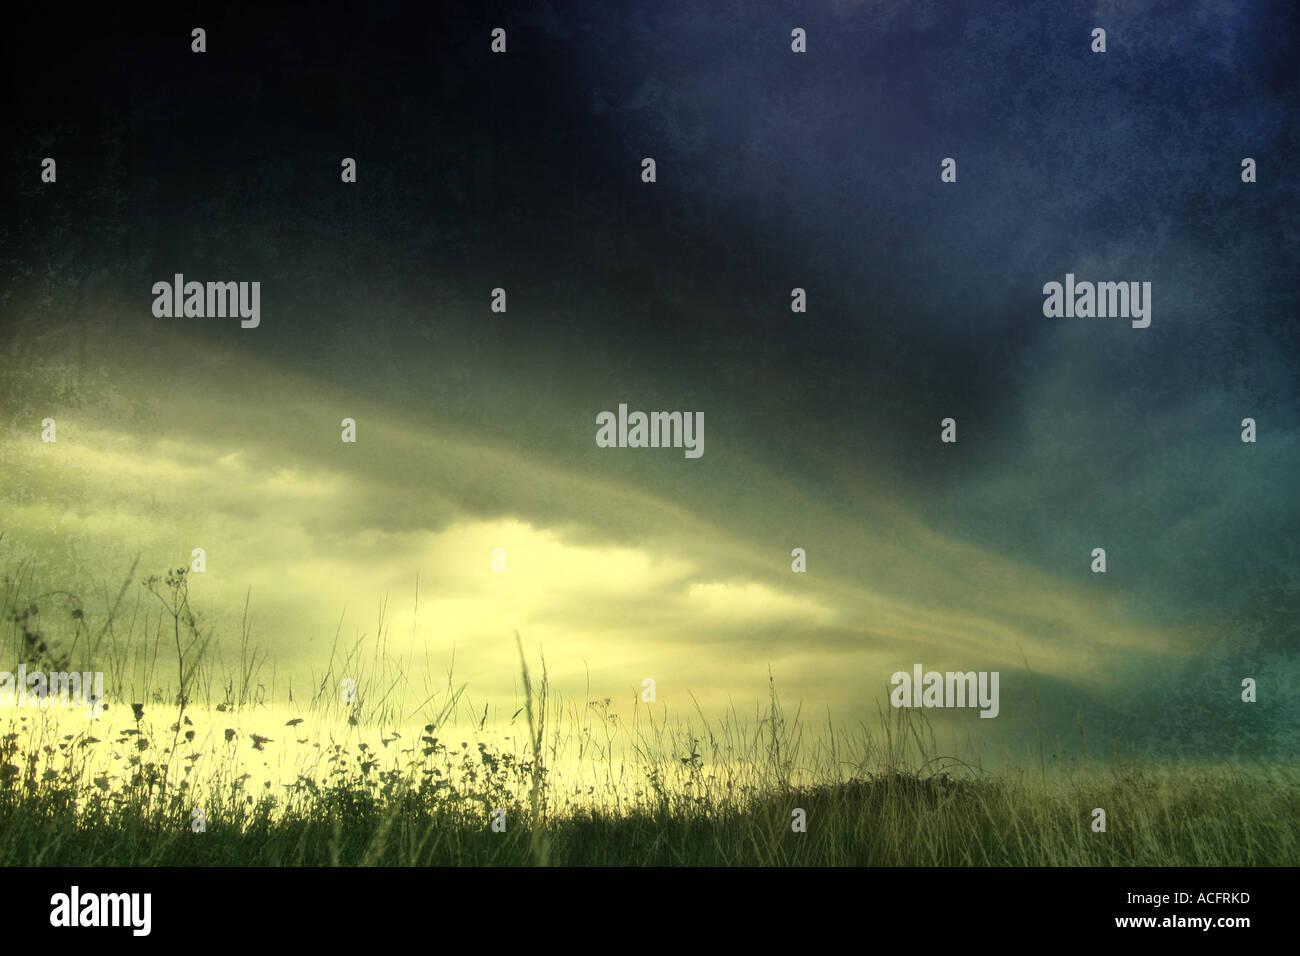 Foto di un cielo in tempesta Immagini Stock